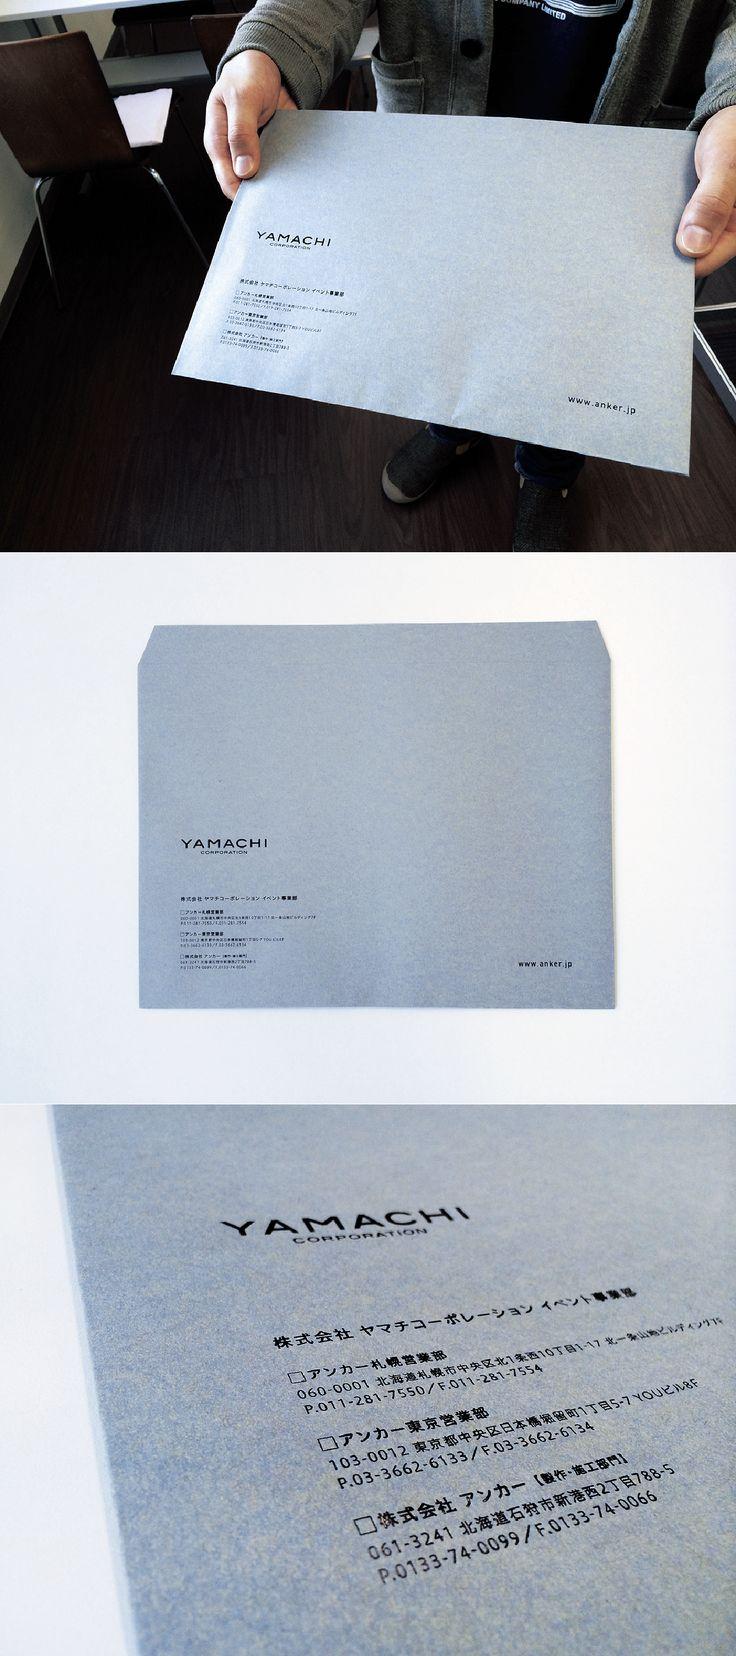 【当社オリジナル角2封筒】 ファーストヴィンテージ、箔押し加工 名刺の表現に合わせて箔押しにしました。